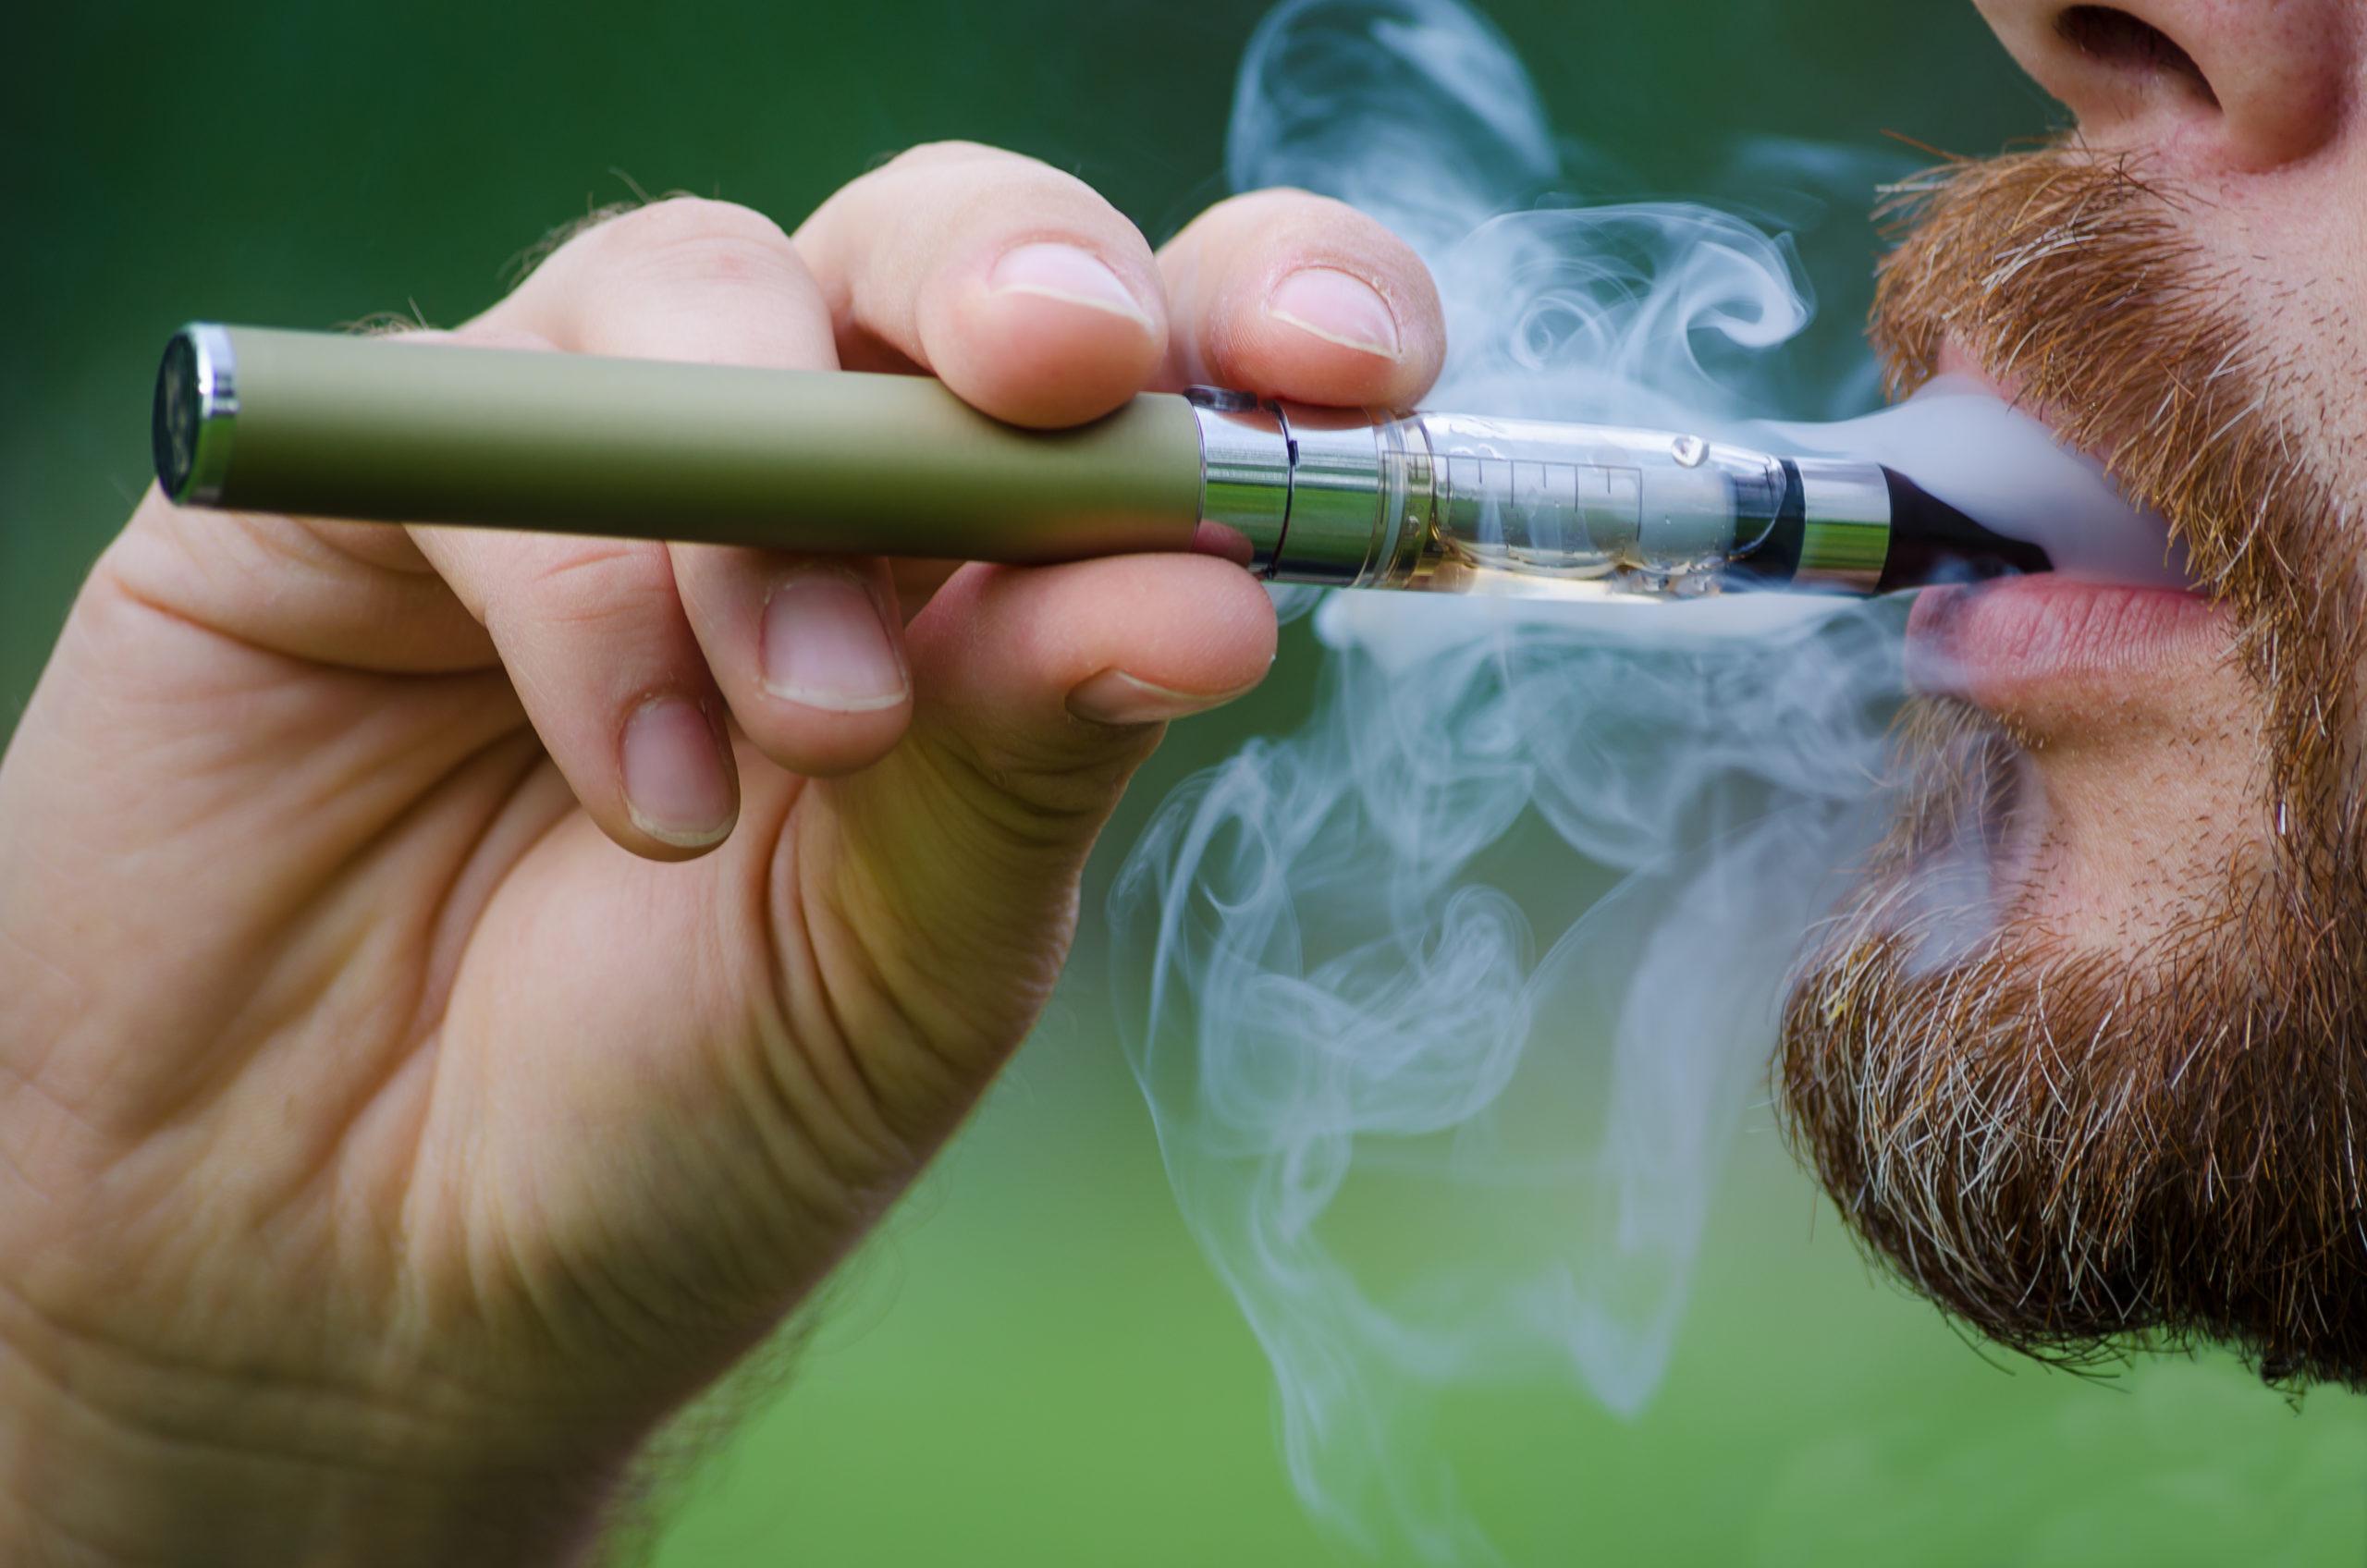 Вредна ли электронная сигарета для здоровья человека?